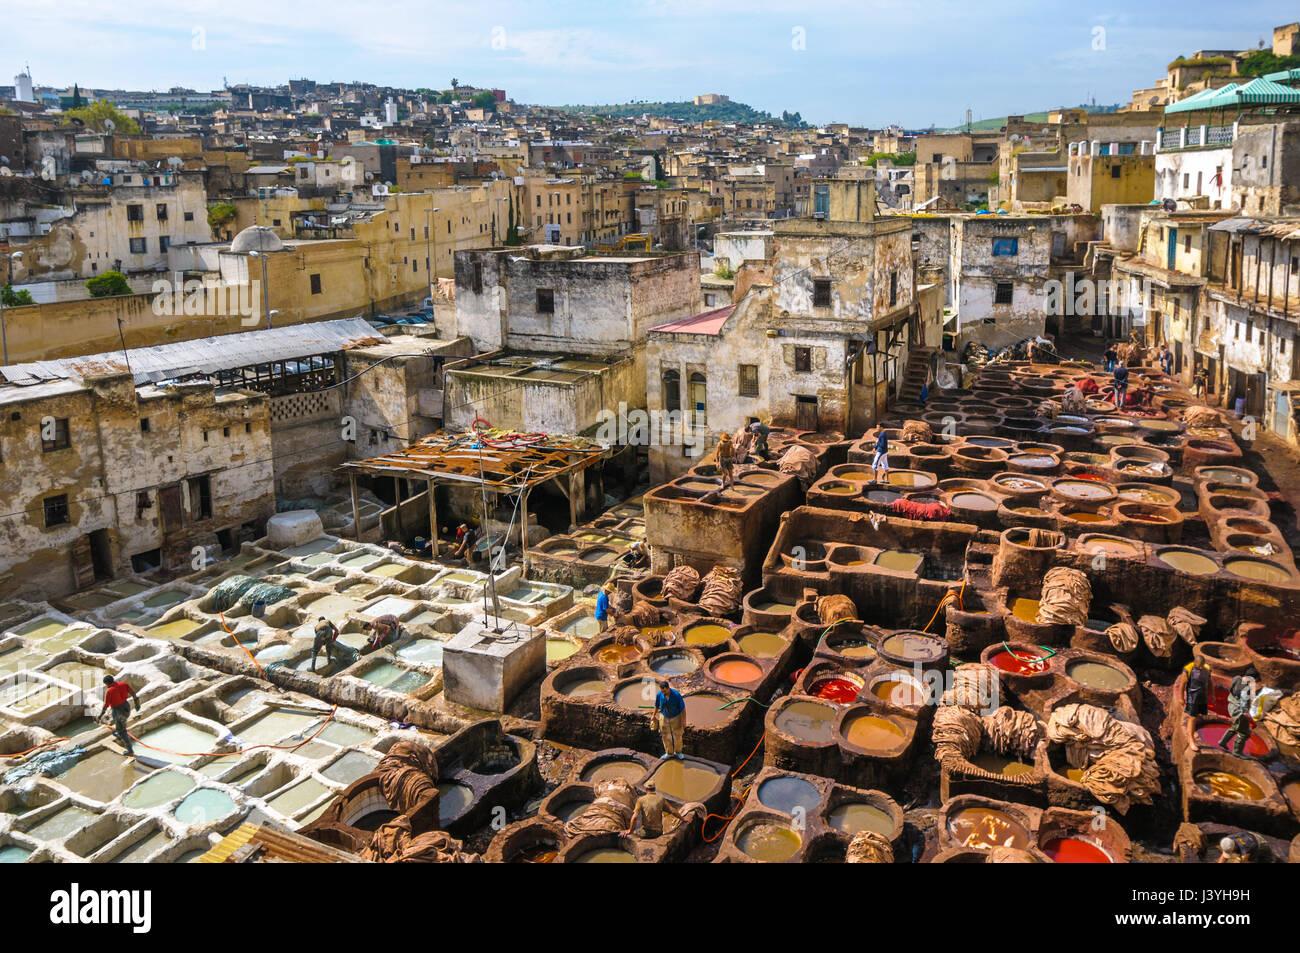 La conceria di Fez, Marocco Immagini Stock